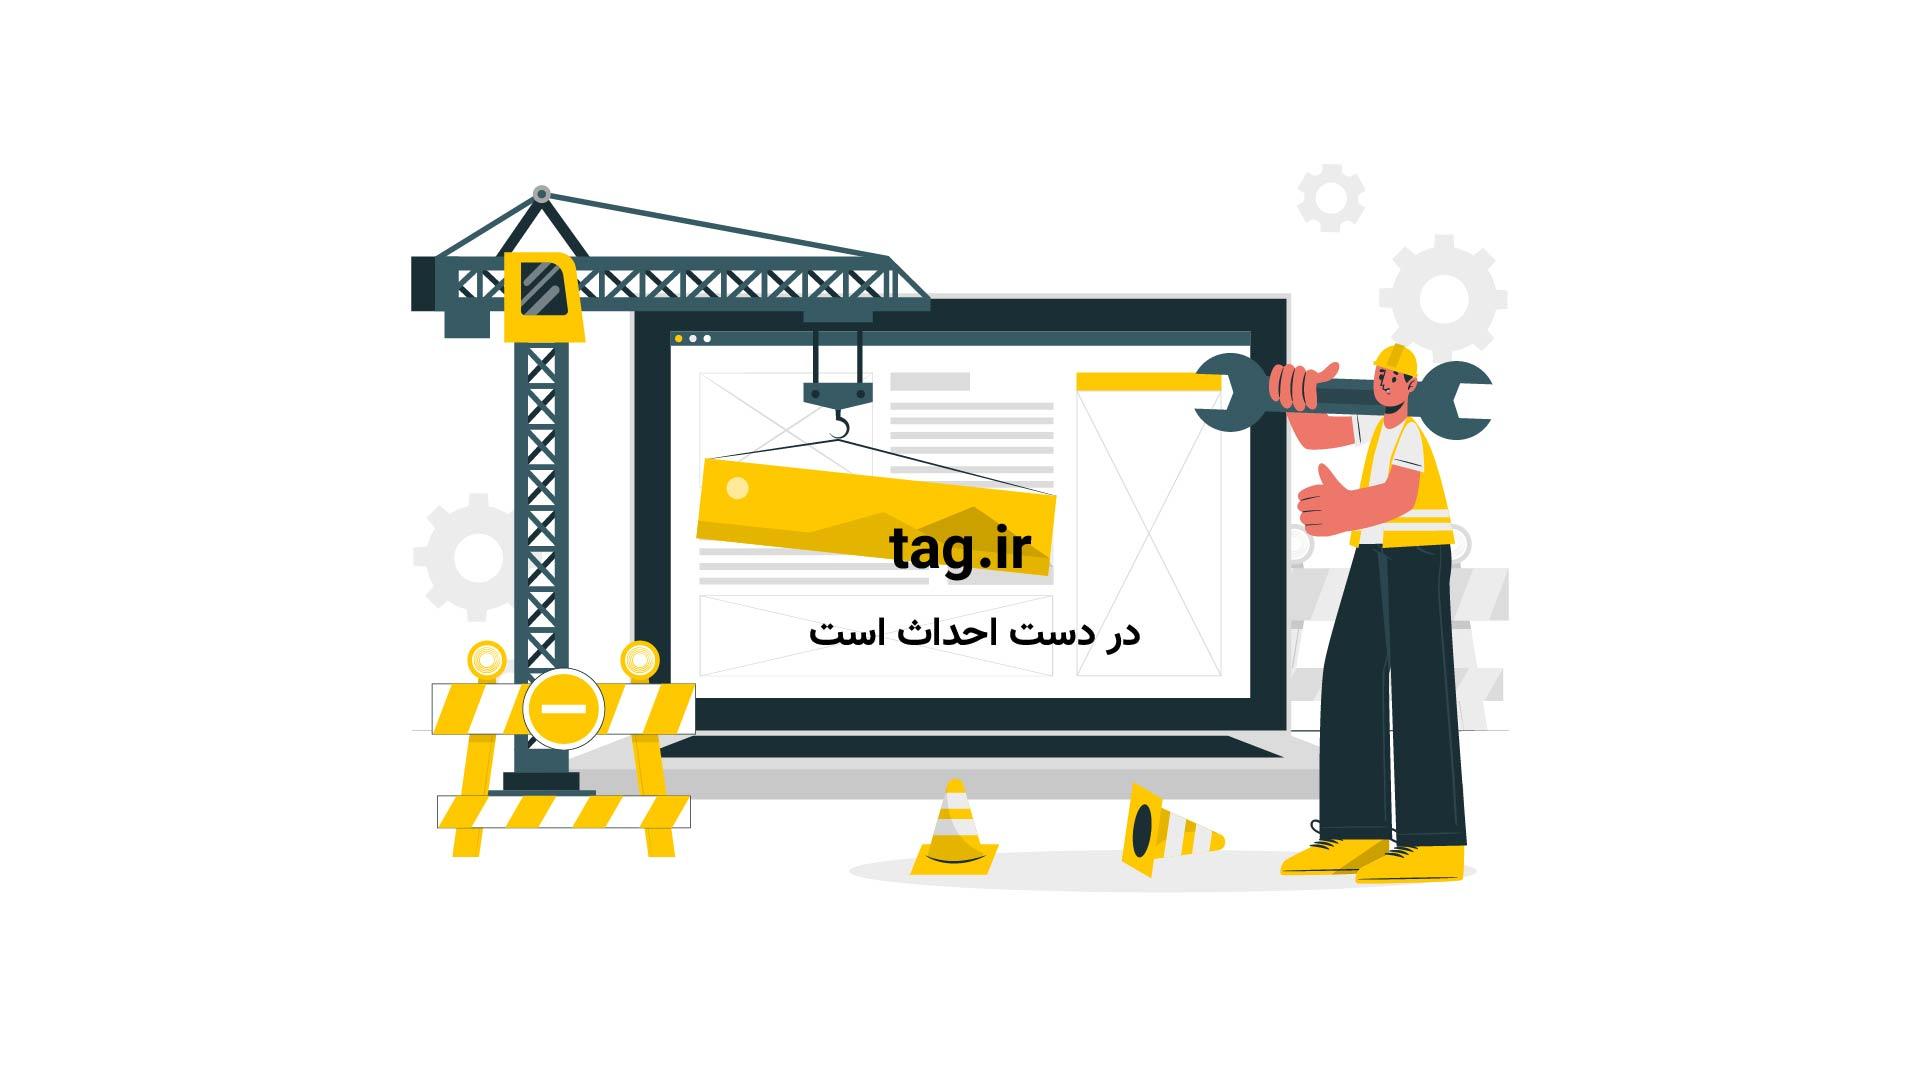 آموزش شکار به تولهشیرها توسط مادرشان | فیلم